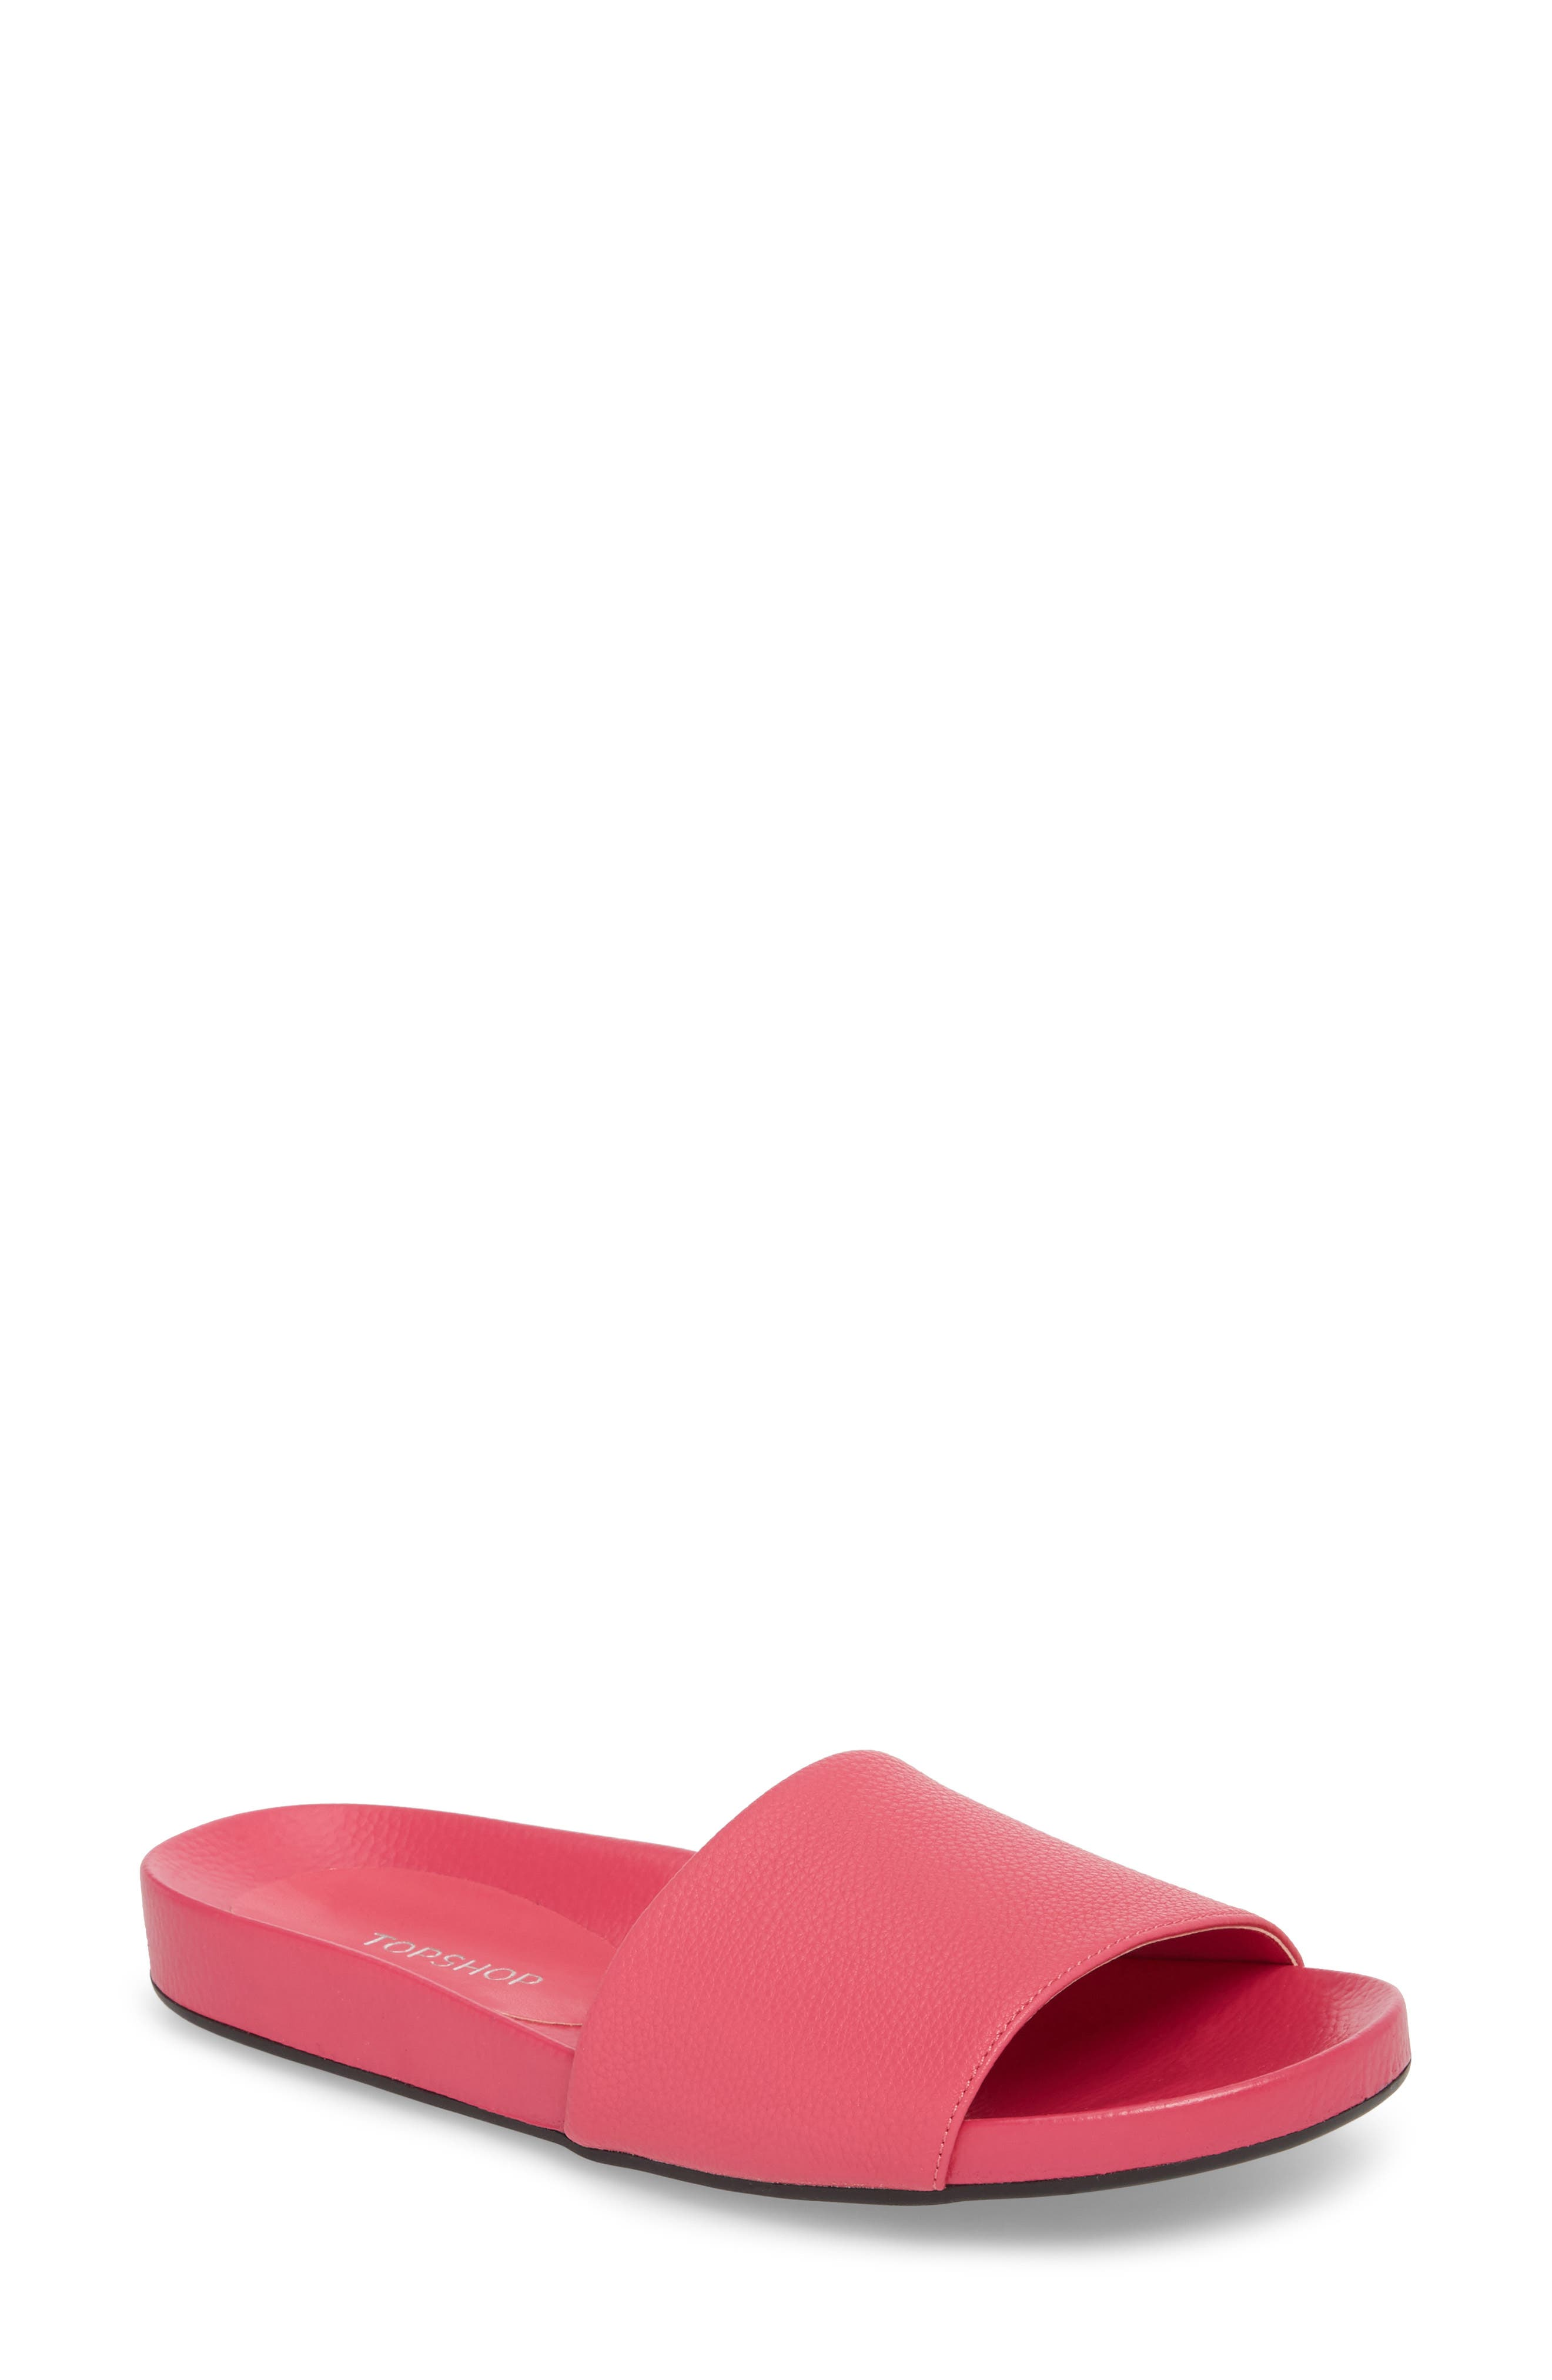 Homie Refined Slide Sandal,                         Main,                         color, PINK